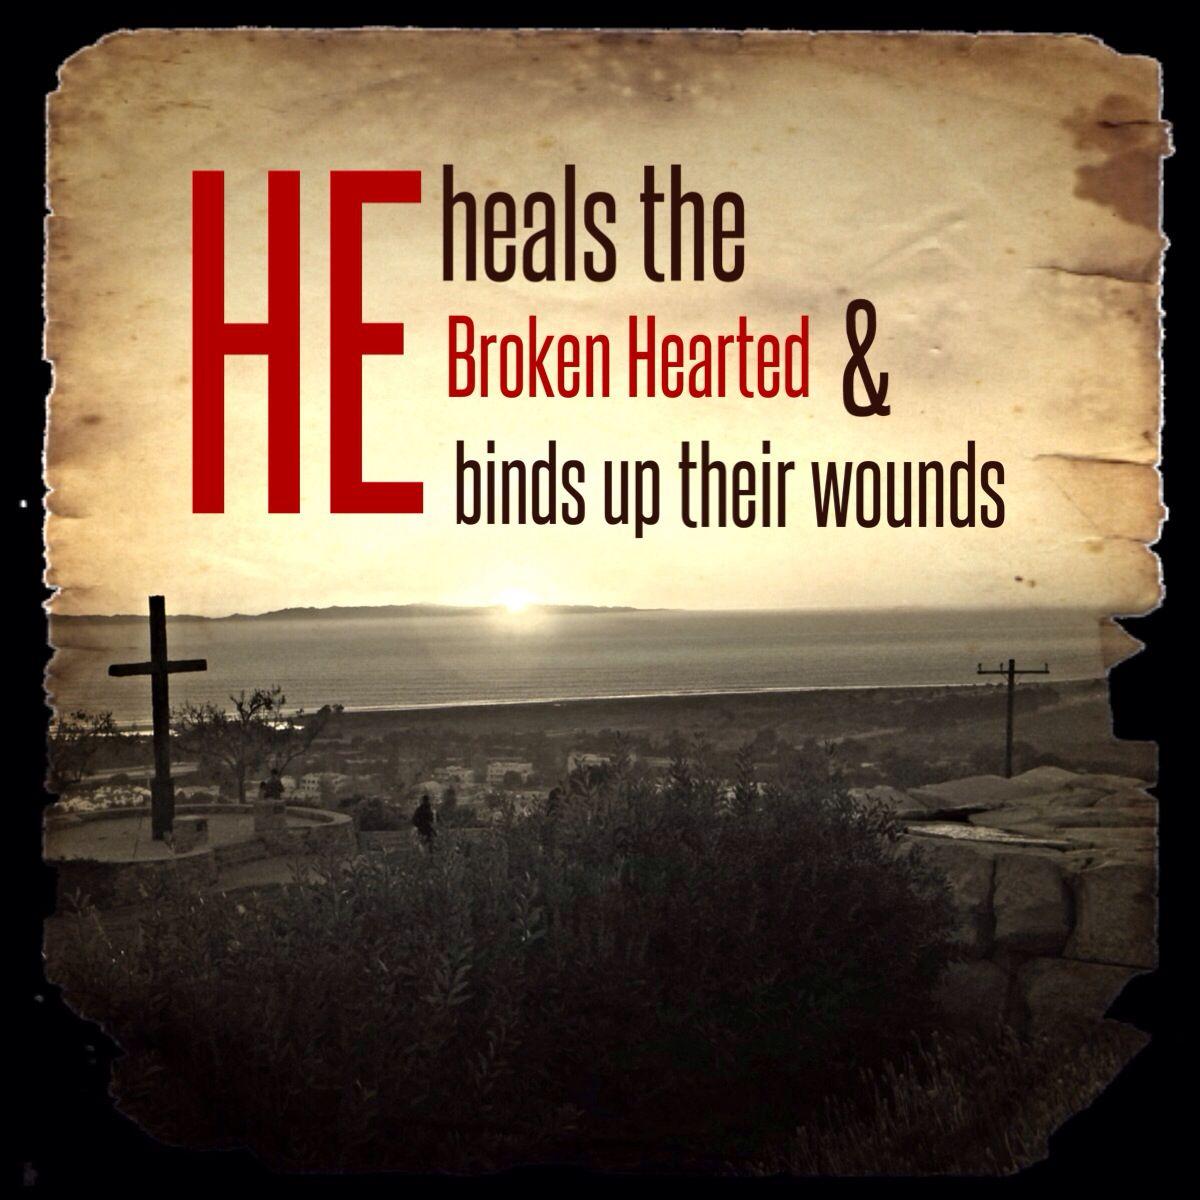 He heals the Broken Hearted & heals their wounds